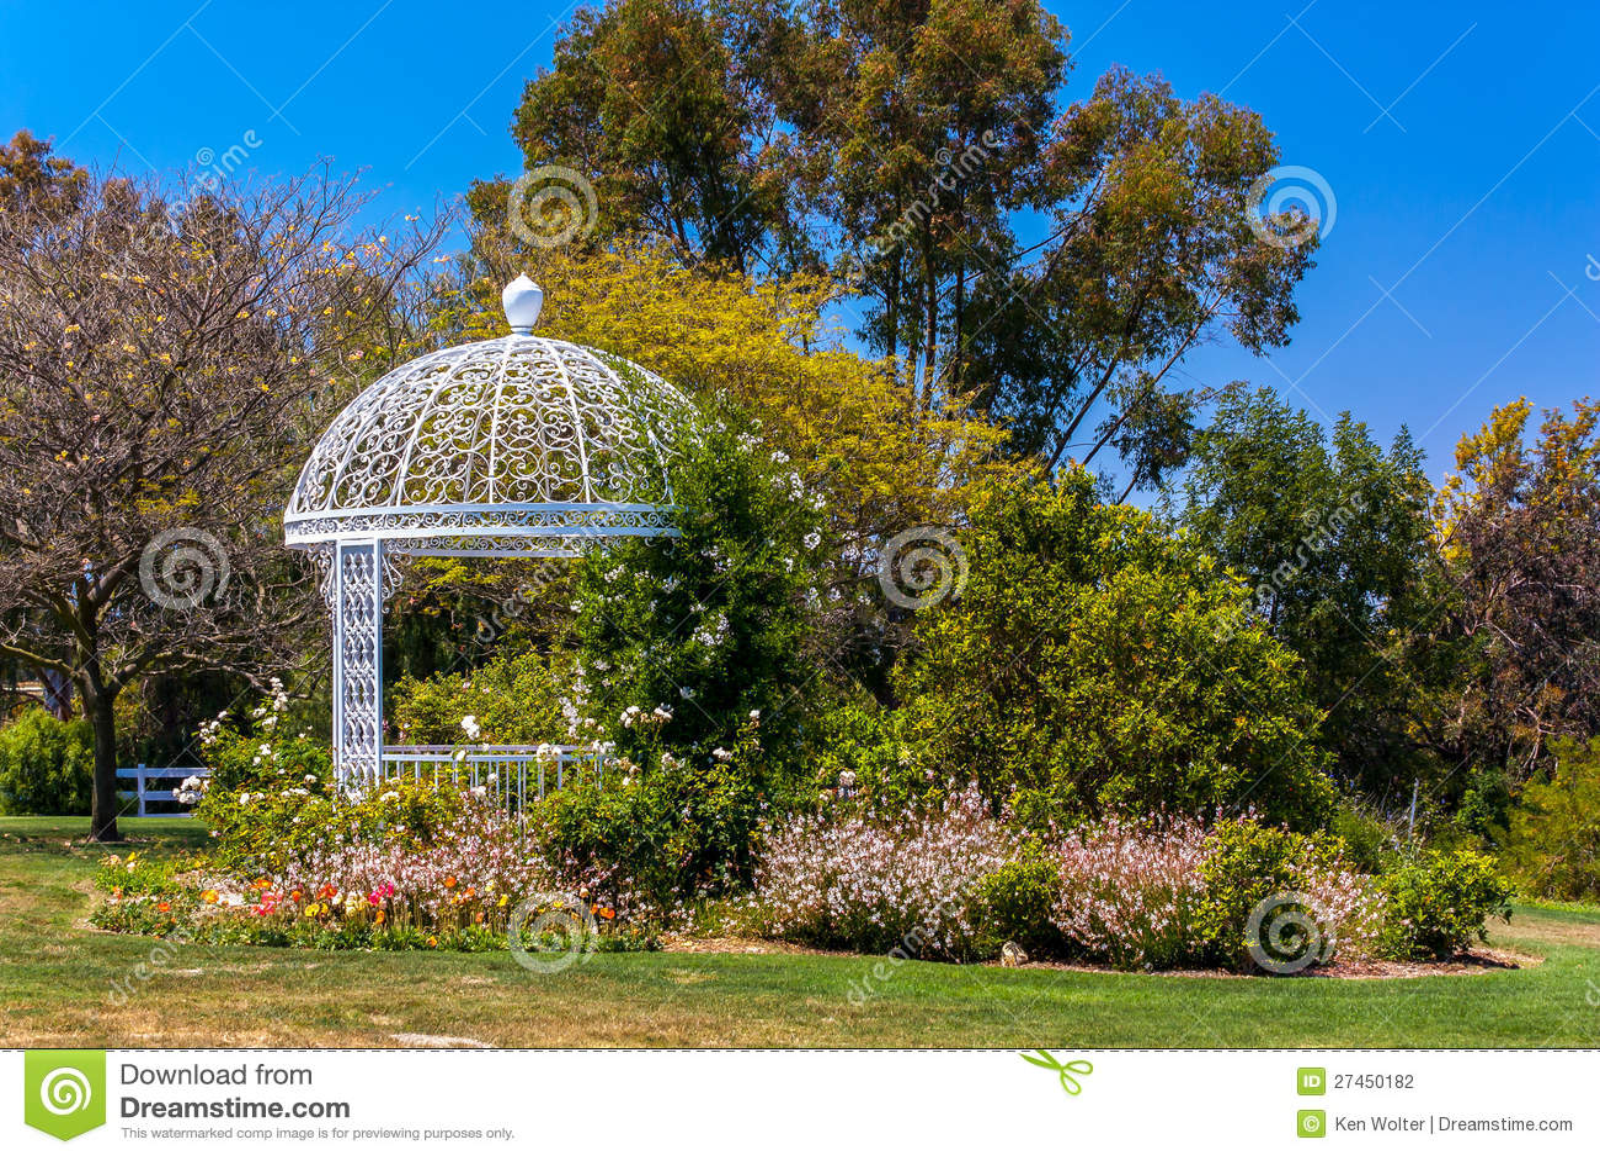 Wedding Gazebo Atsouth Coast Botanic Garden Stock Photo Image 27450182